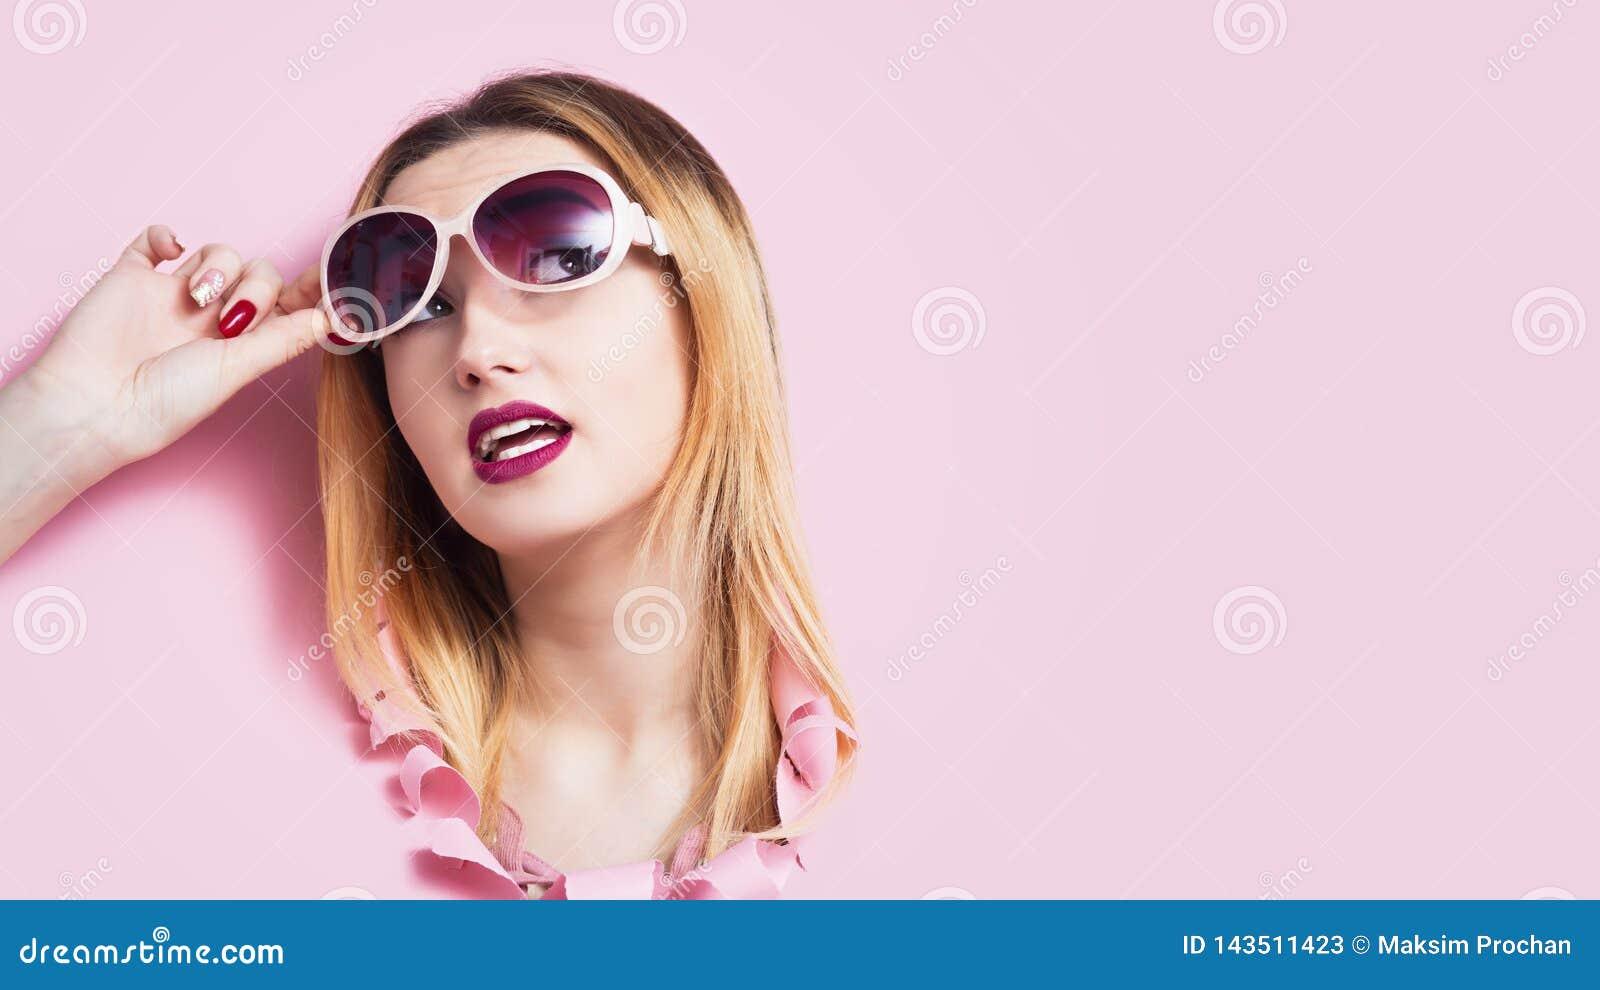 Het meisjeshoofd in kartongat, jonge vrouw hief haar die zonnebril in verrassing op door prijzen en verleidende aanbiedingen voor